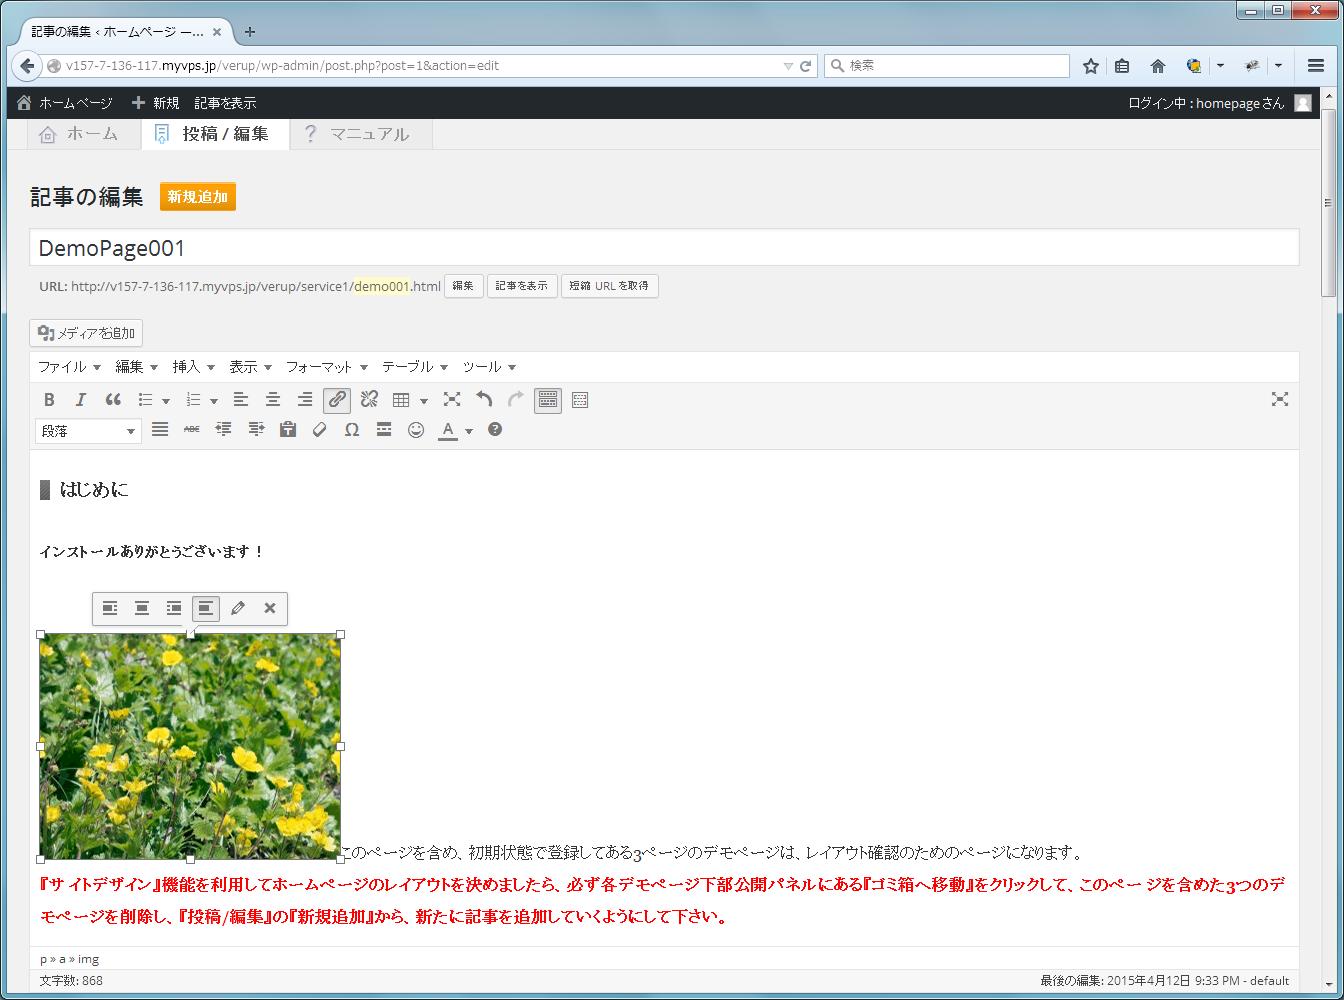 記事 追加画像の修正 | 初期費用無料ホームページ作成サイト - FunMaker